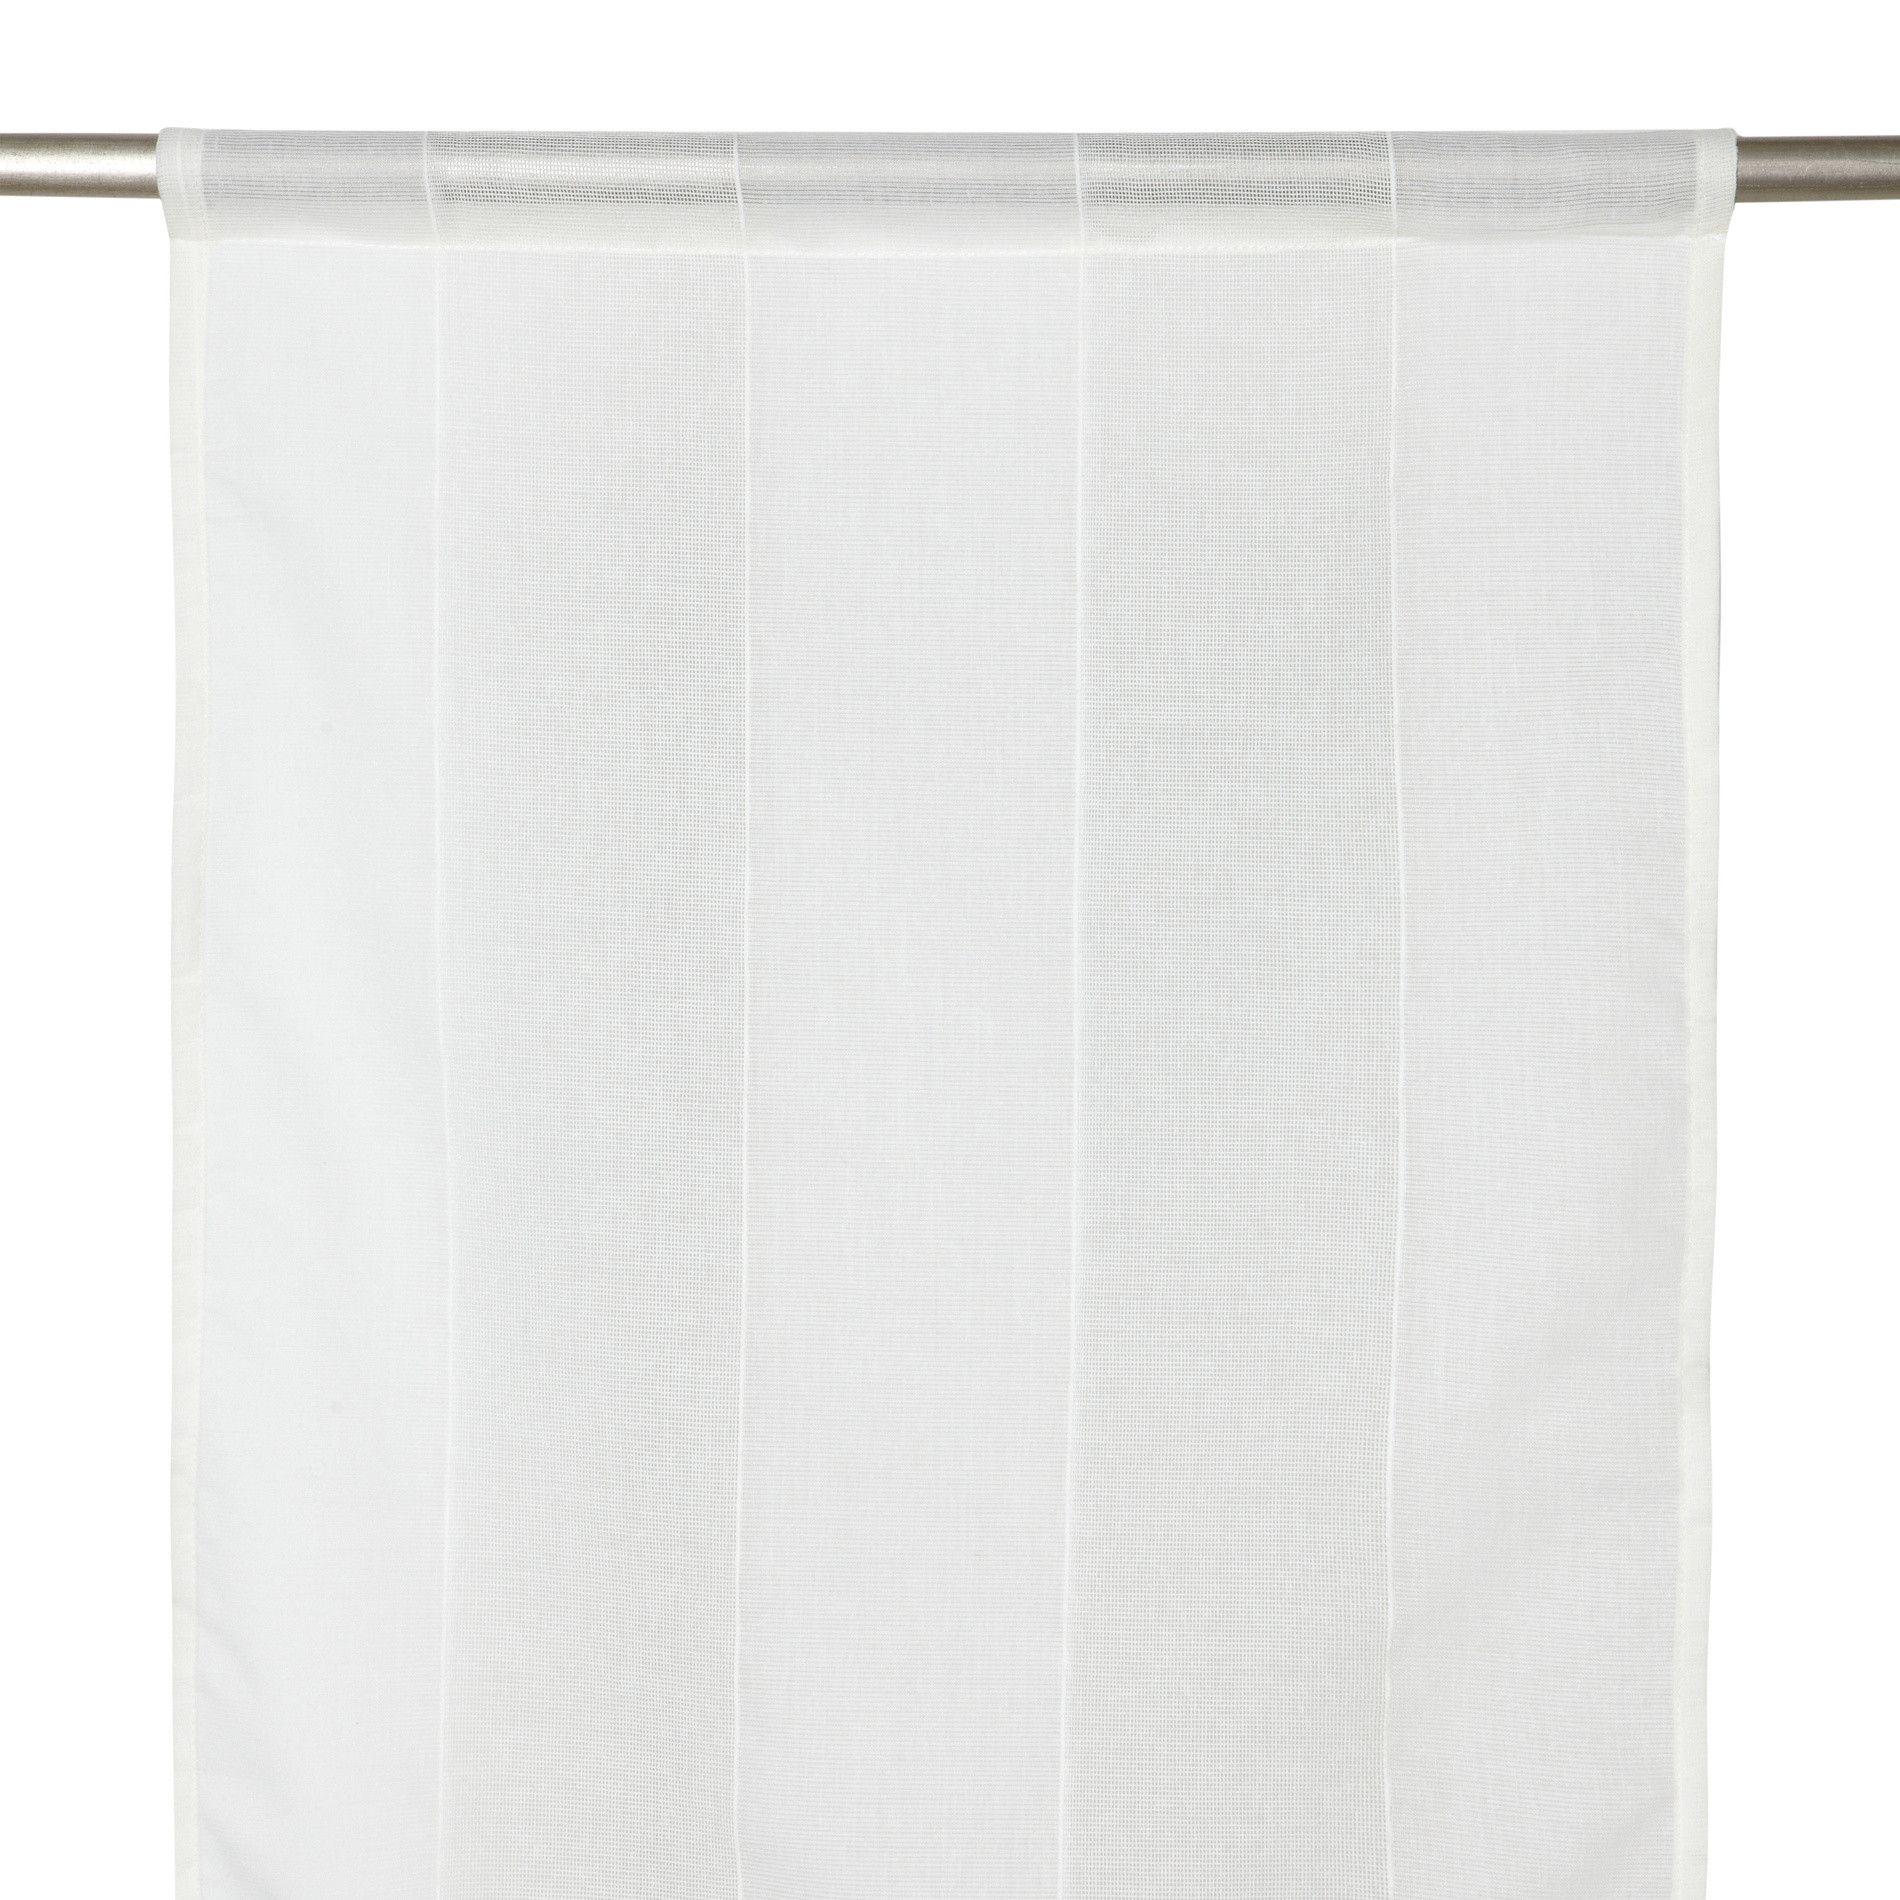 Tendina strisce verticali, Bianco, large image number 2